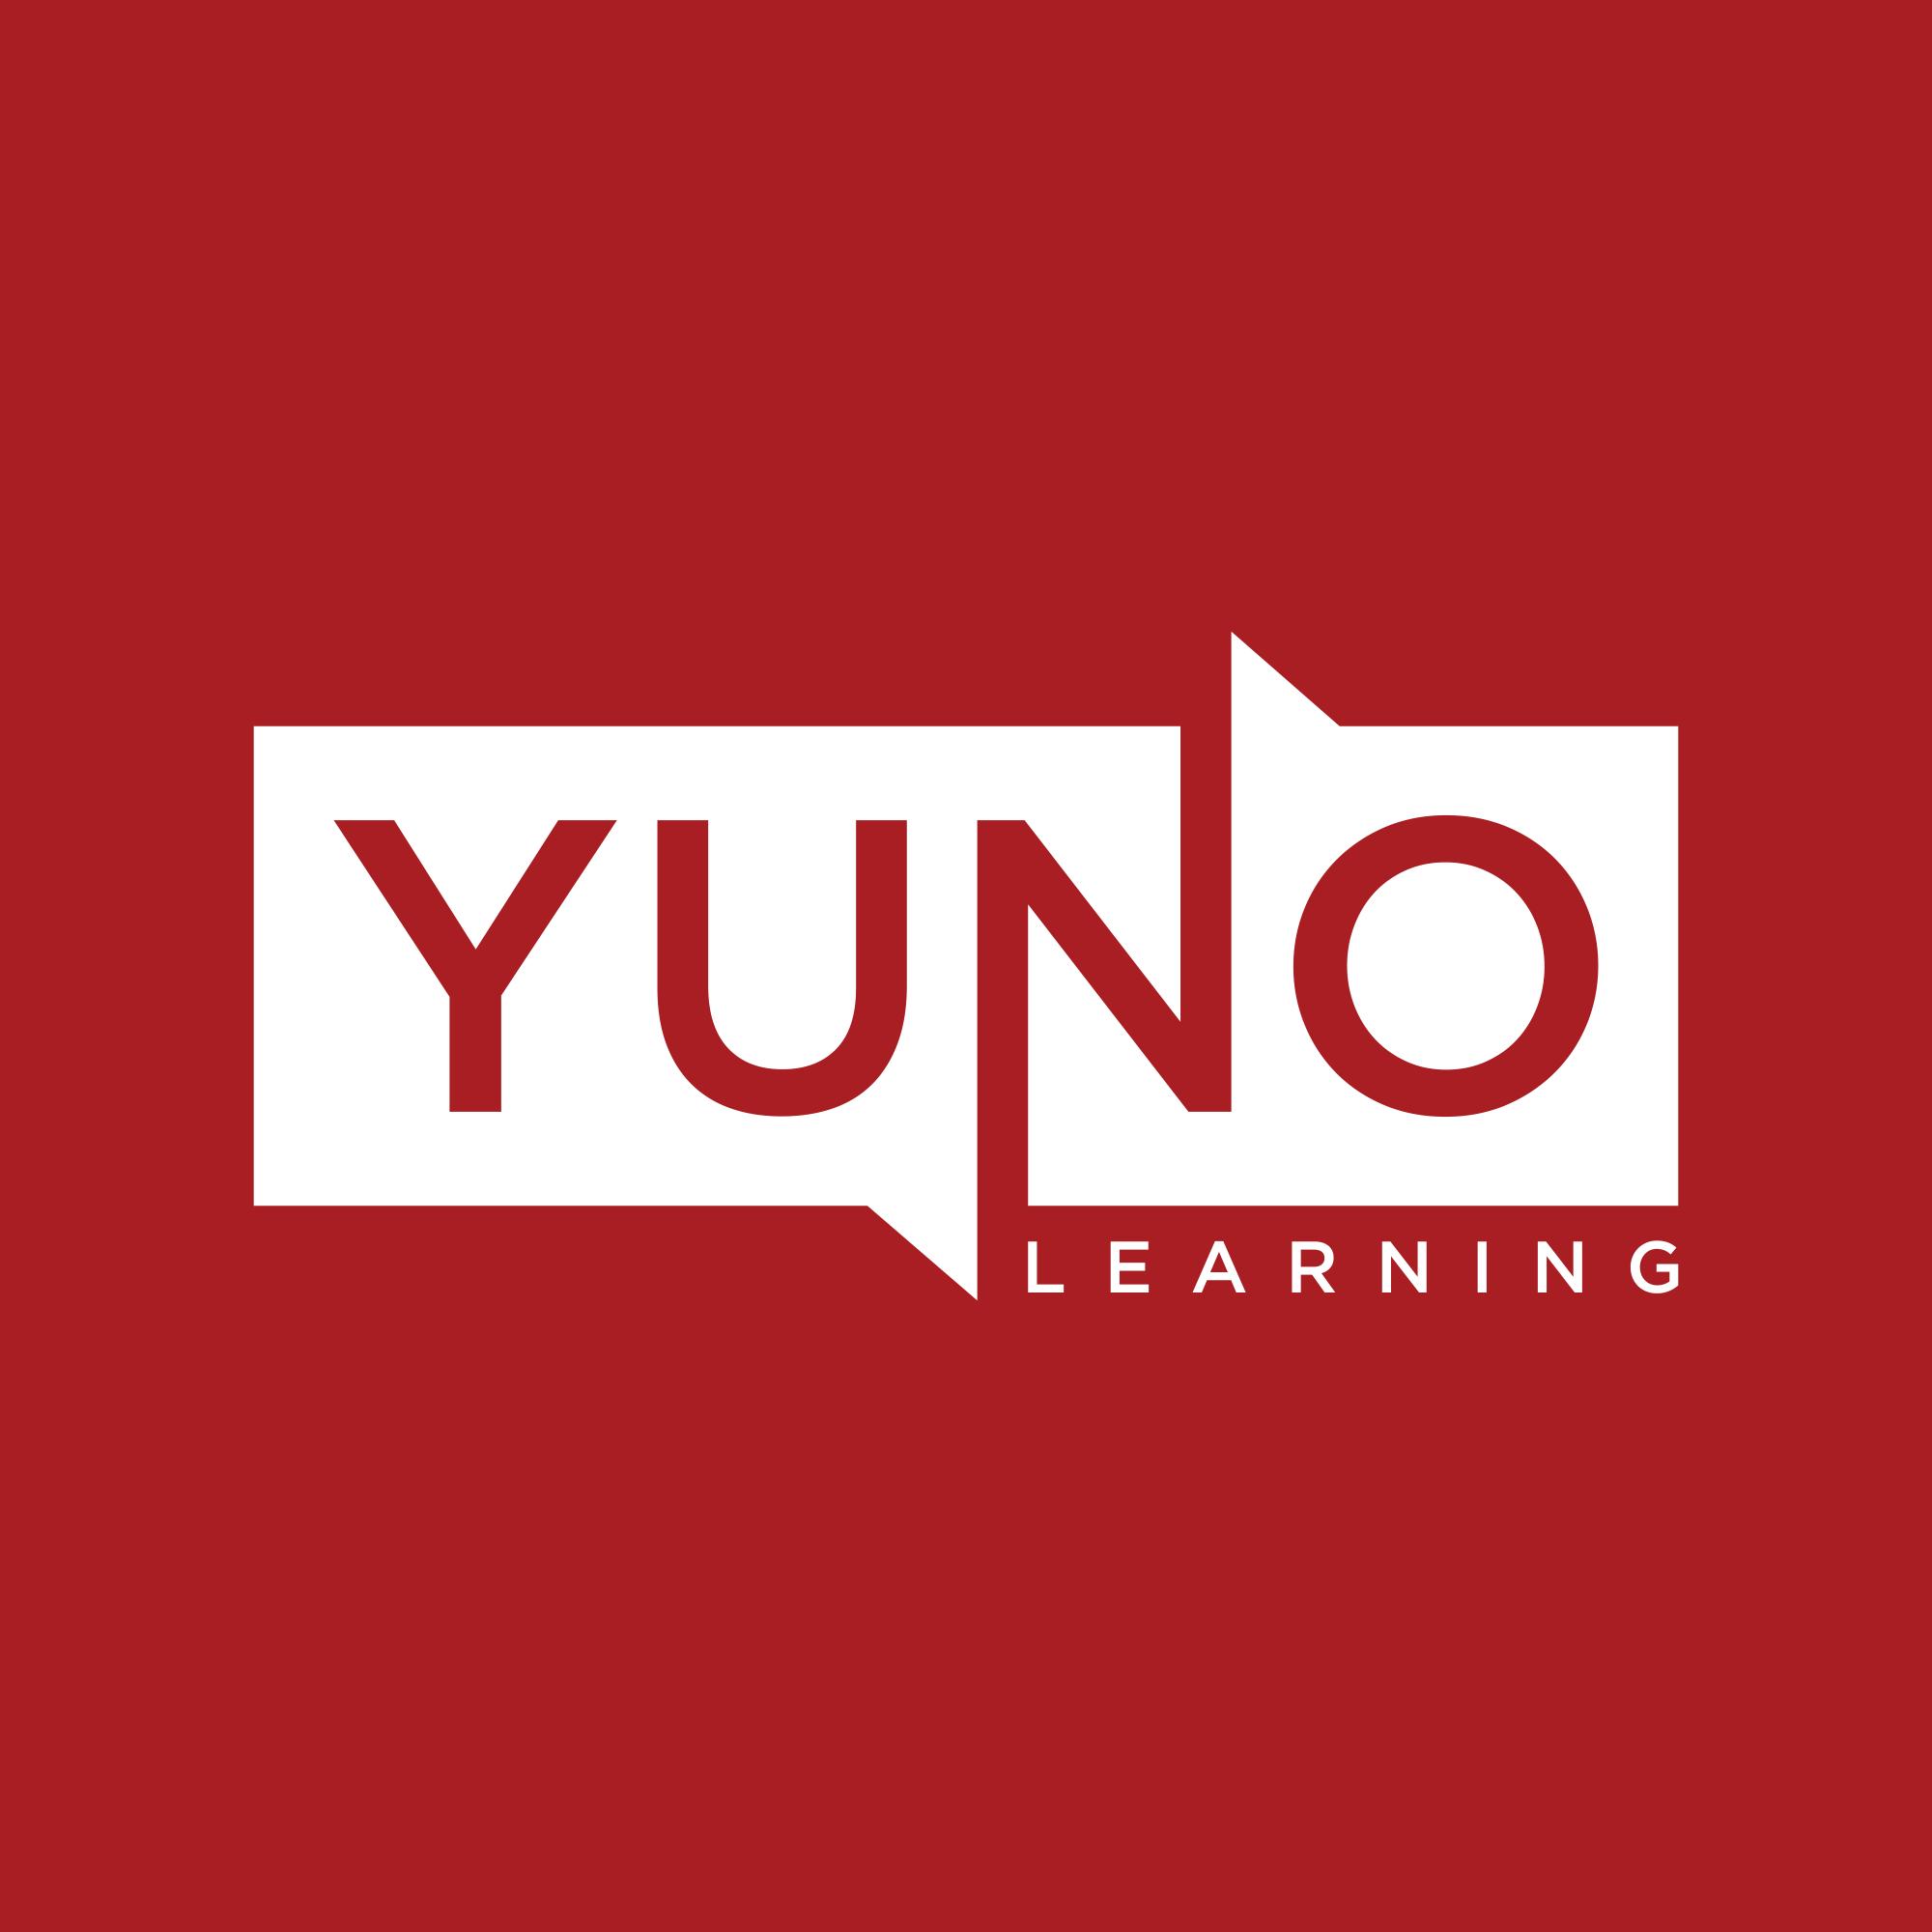 Yuno Learning Logo